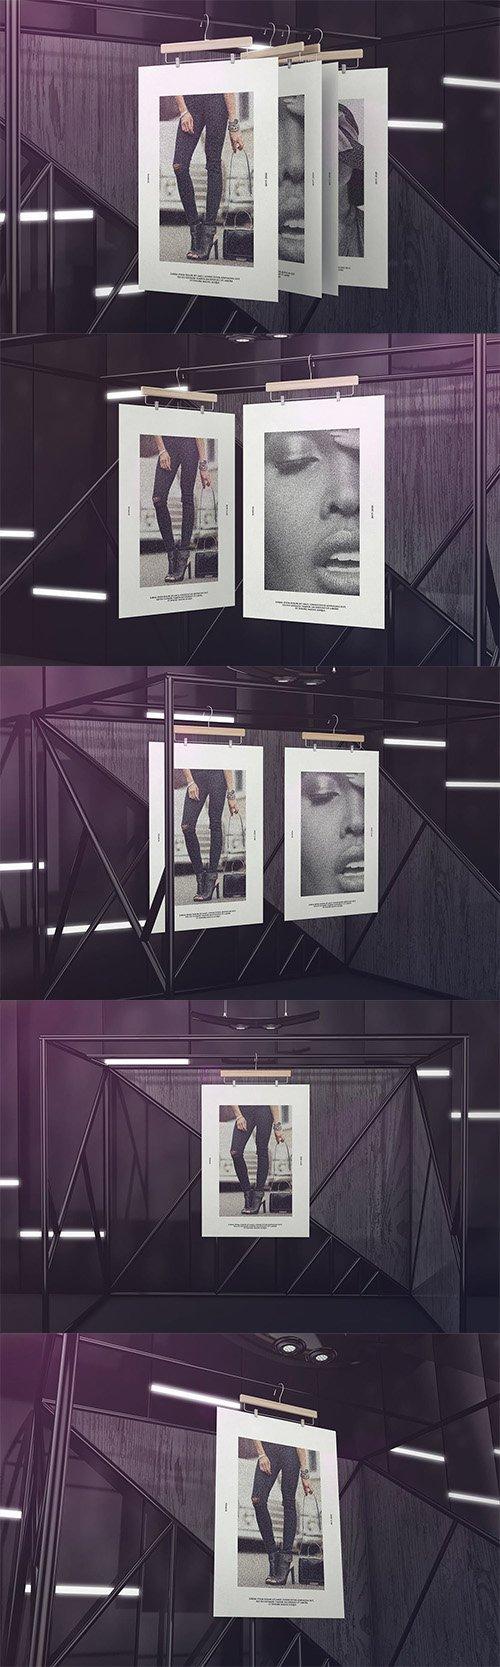 Exhibition Poster Framework Mockups